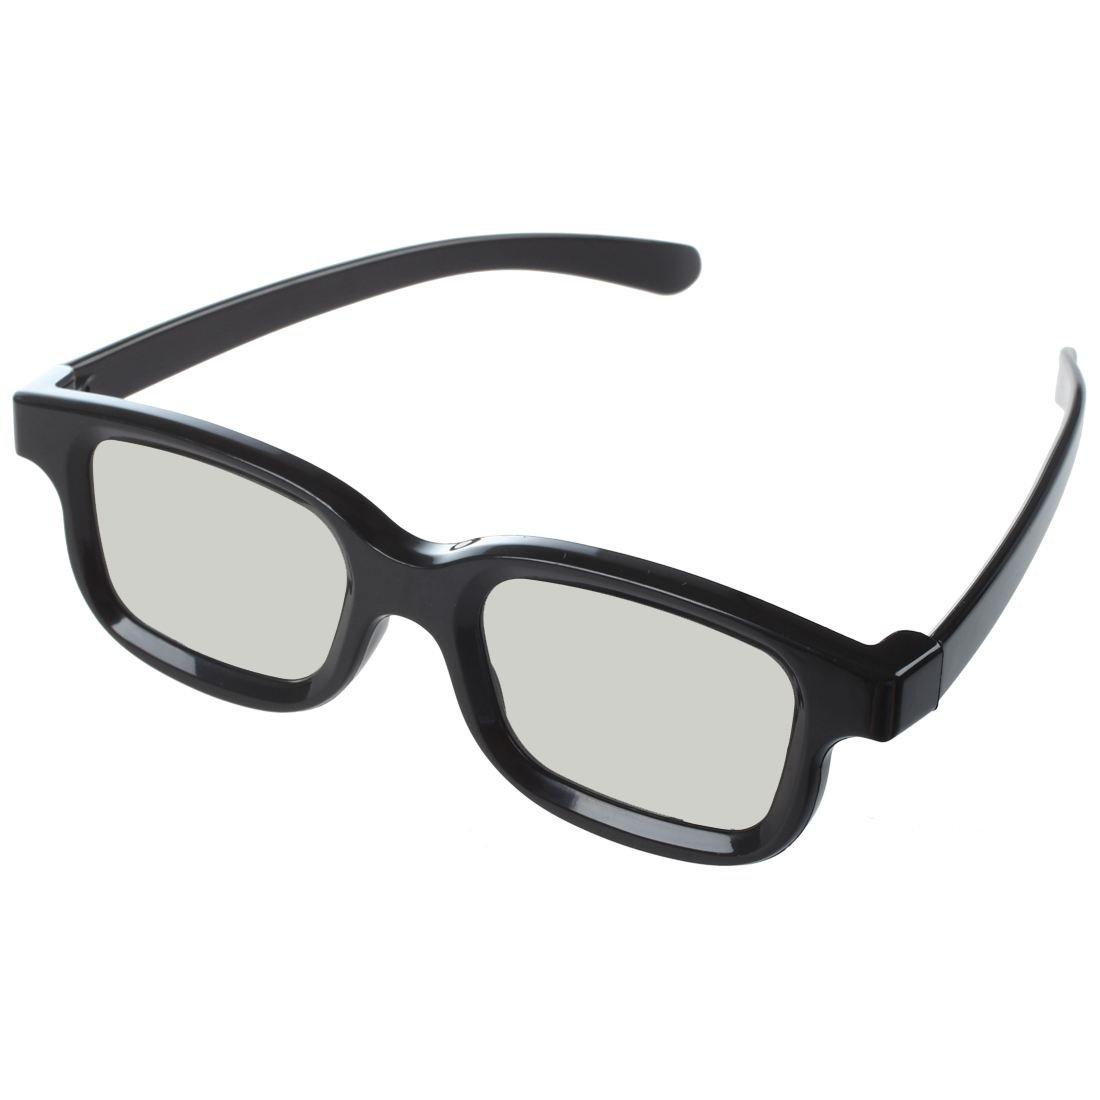 TOOGOO 2pcs Gafas 3D para LG Cinema 3D TV: Amazon.es: Electrónica